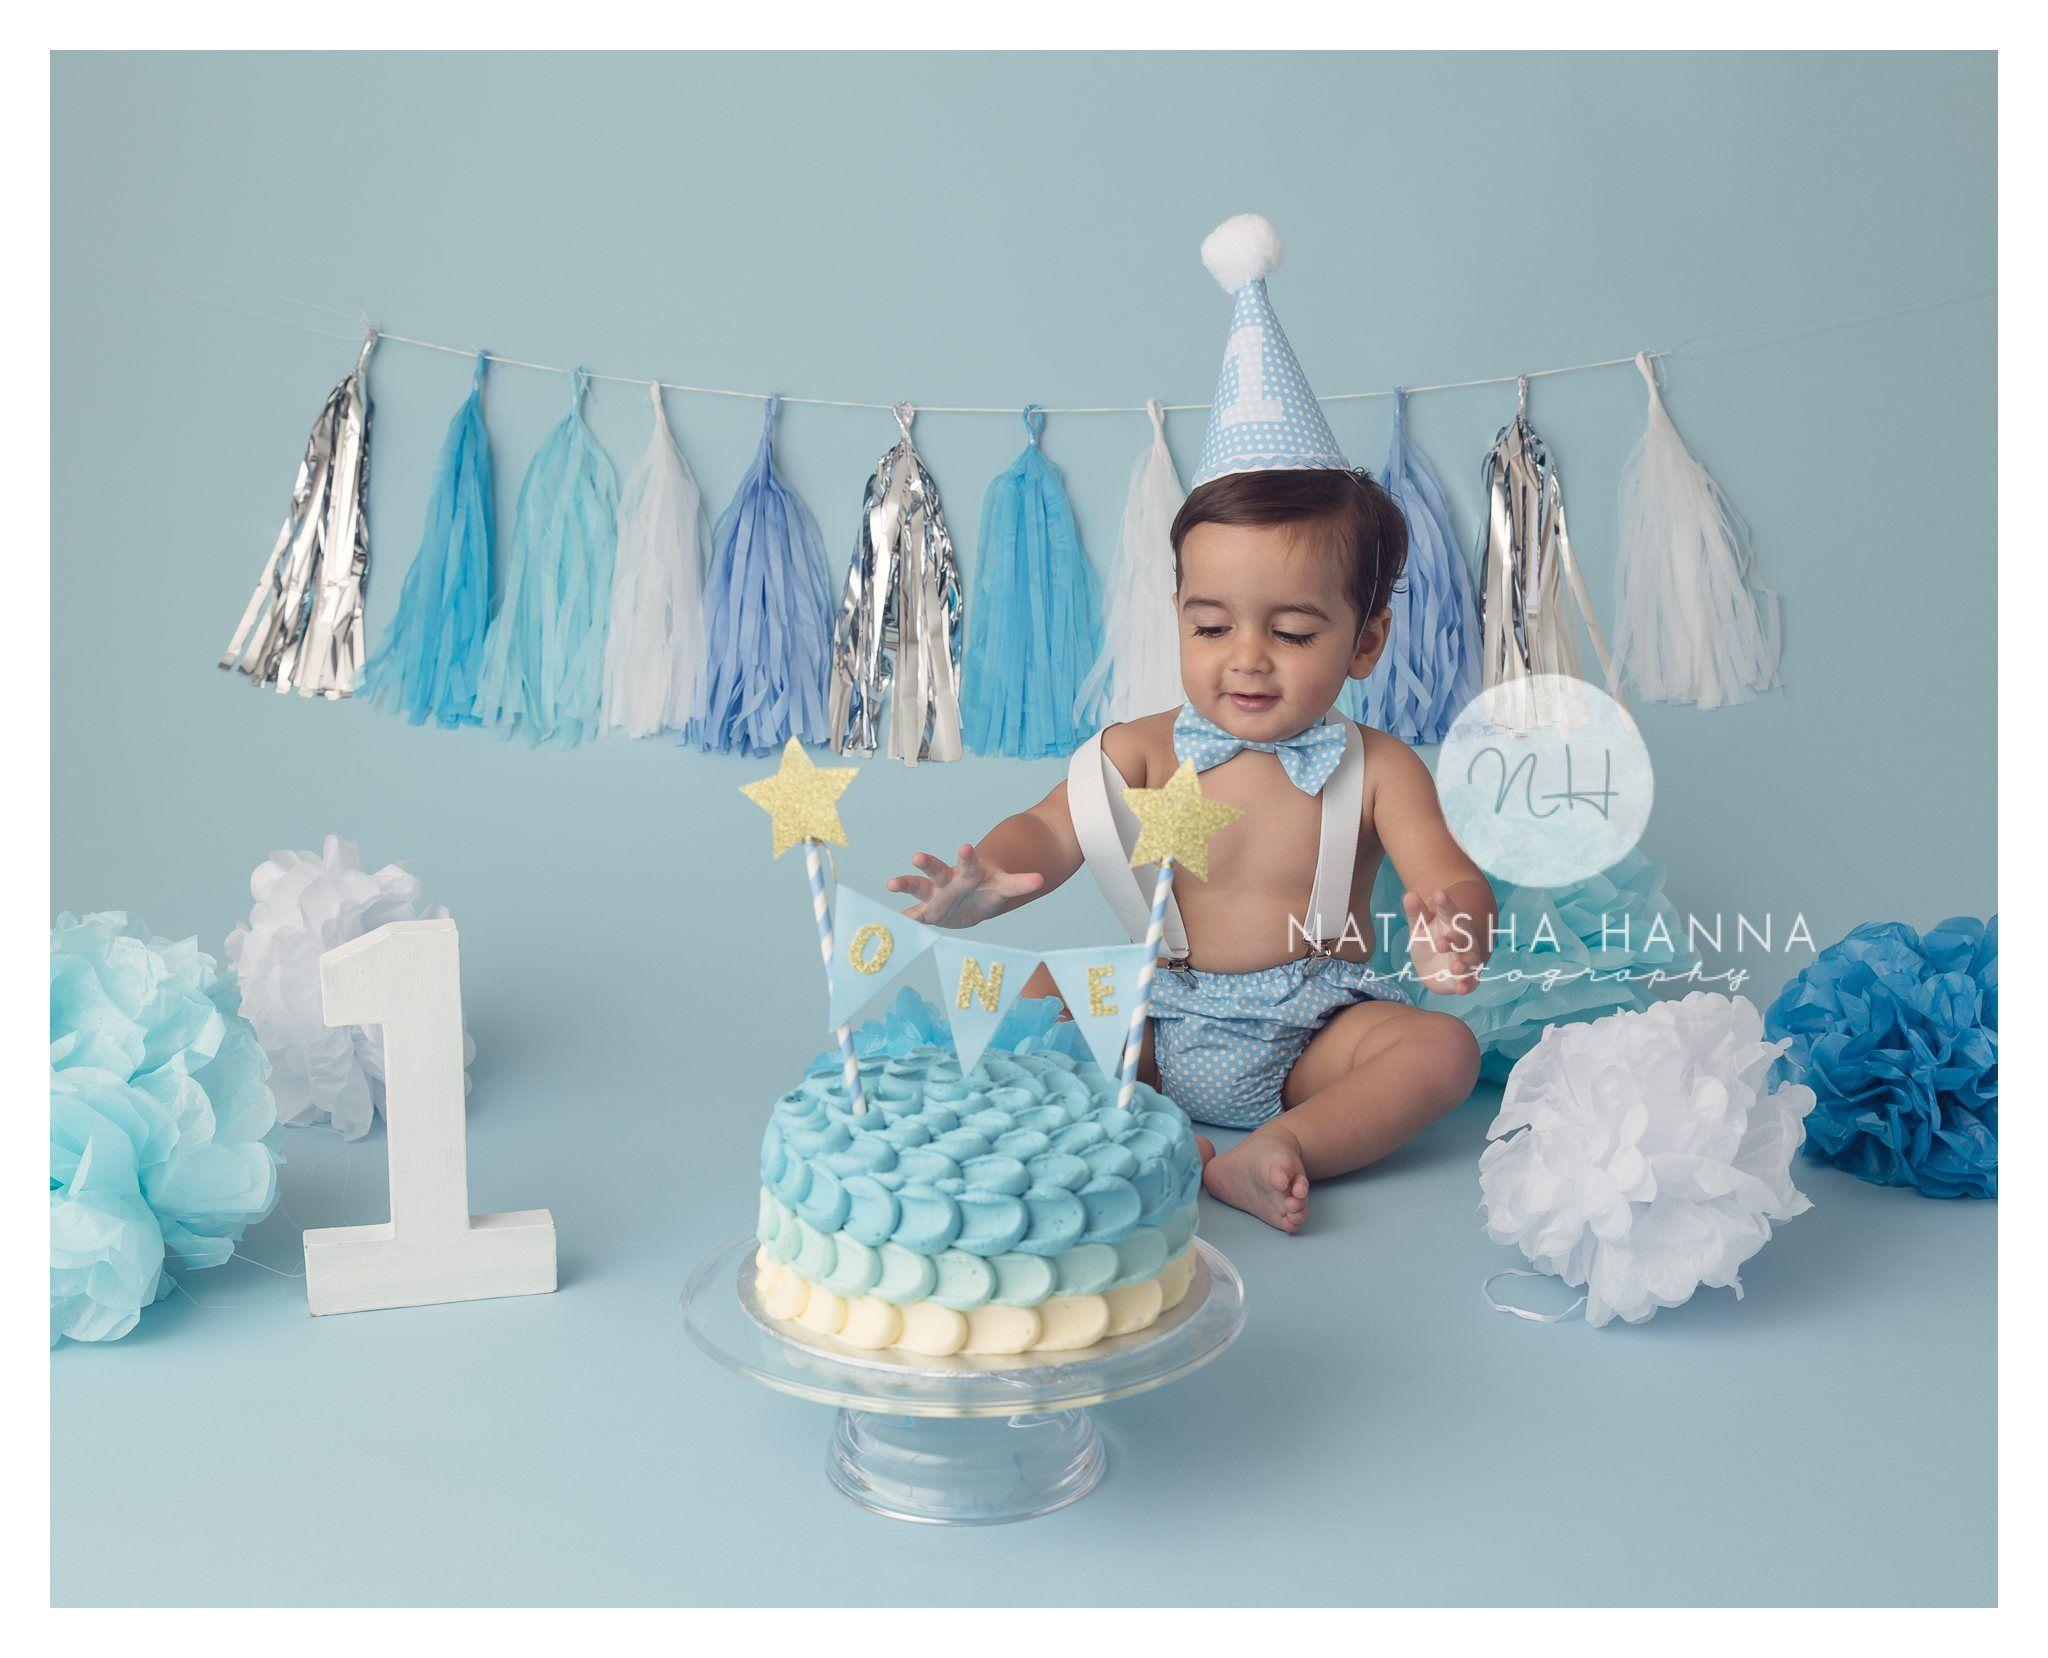 Cake smash photography blue boy set up with tassel